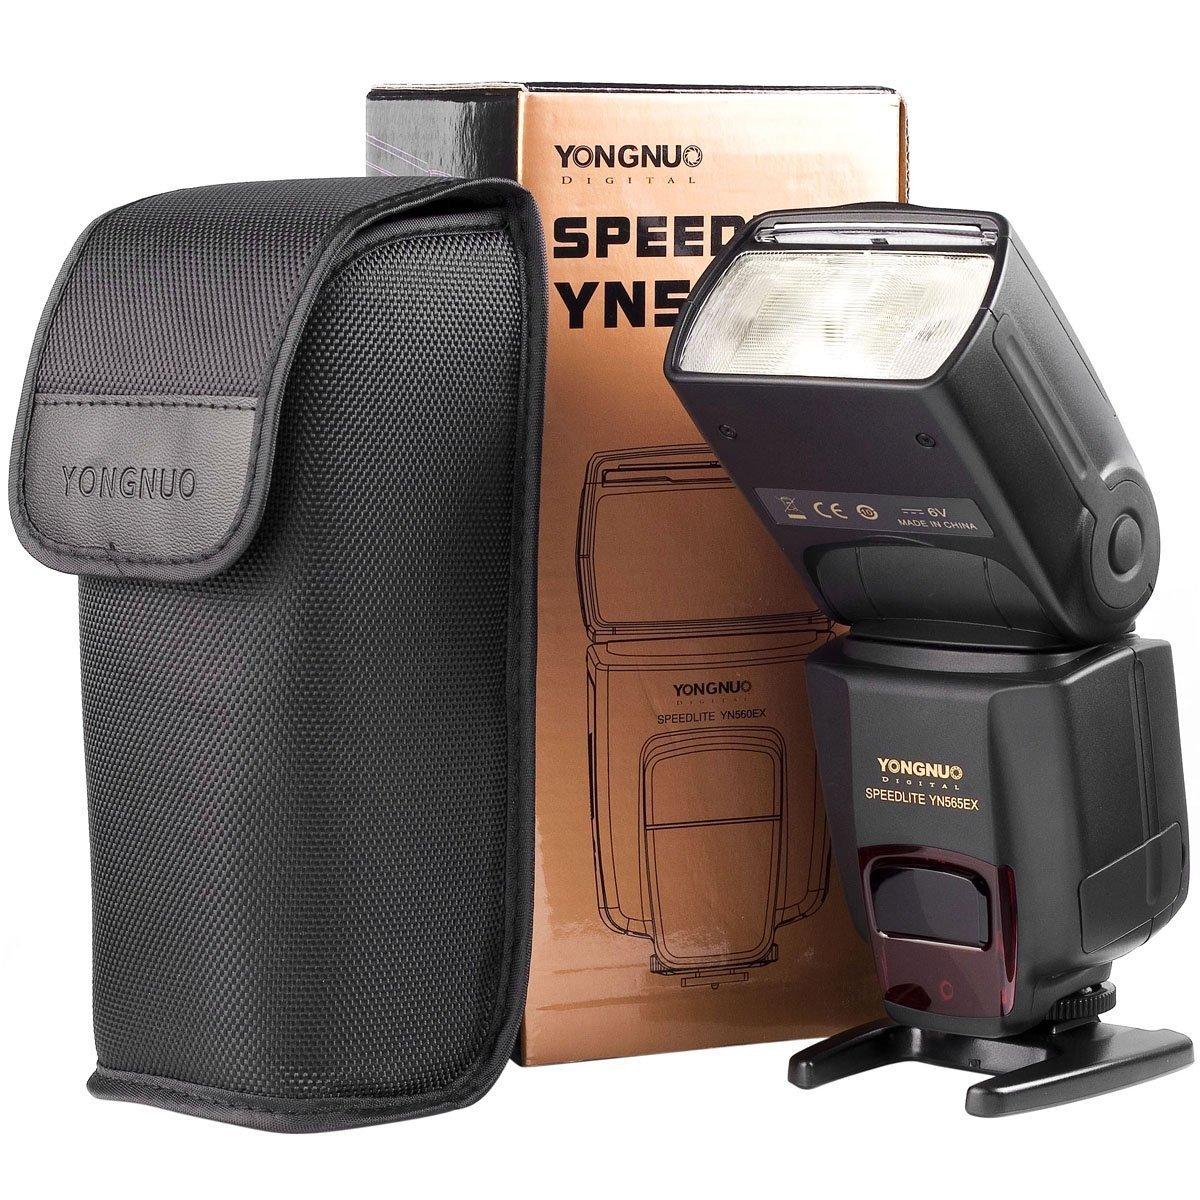 YONGNUO YN-565EX TTL Flash Speedlite Wireless Speedlight GN58 for Nikon DSLR D3000 D3100 D3200 D5000 D5100 D5200 D70 D600 D700 D750 D810 D7000 D7100 D300 D300S D80 D40 D40X Cameras by Yongnuo